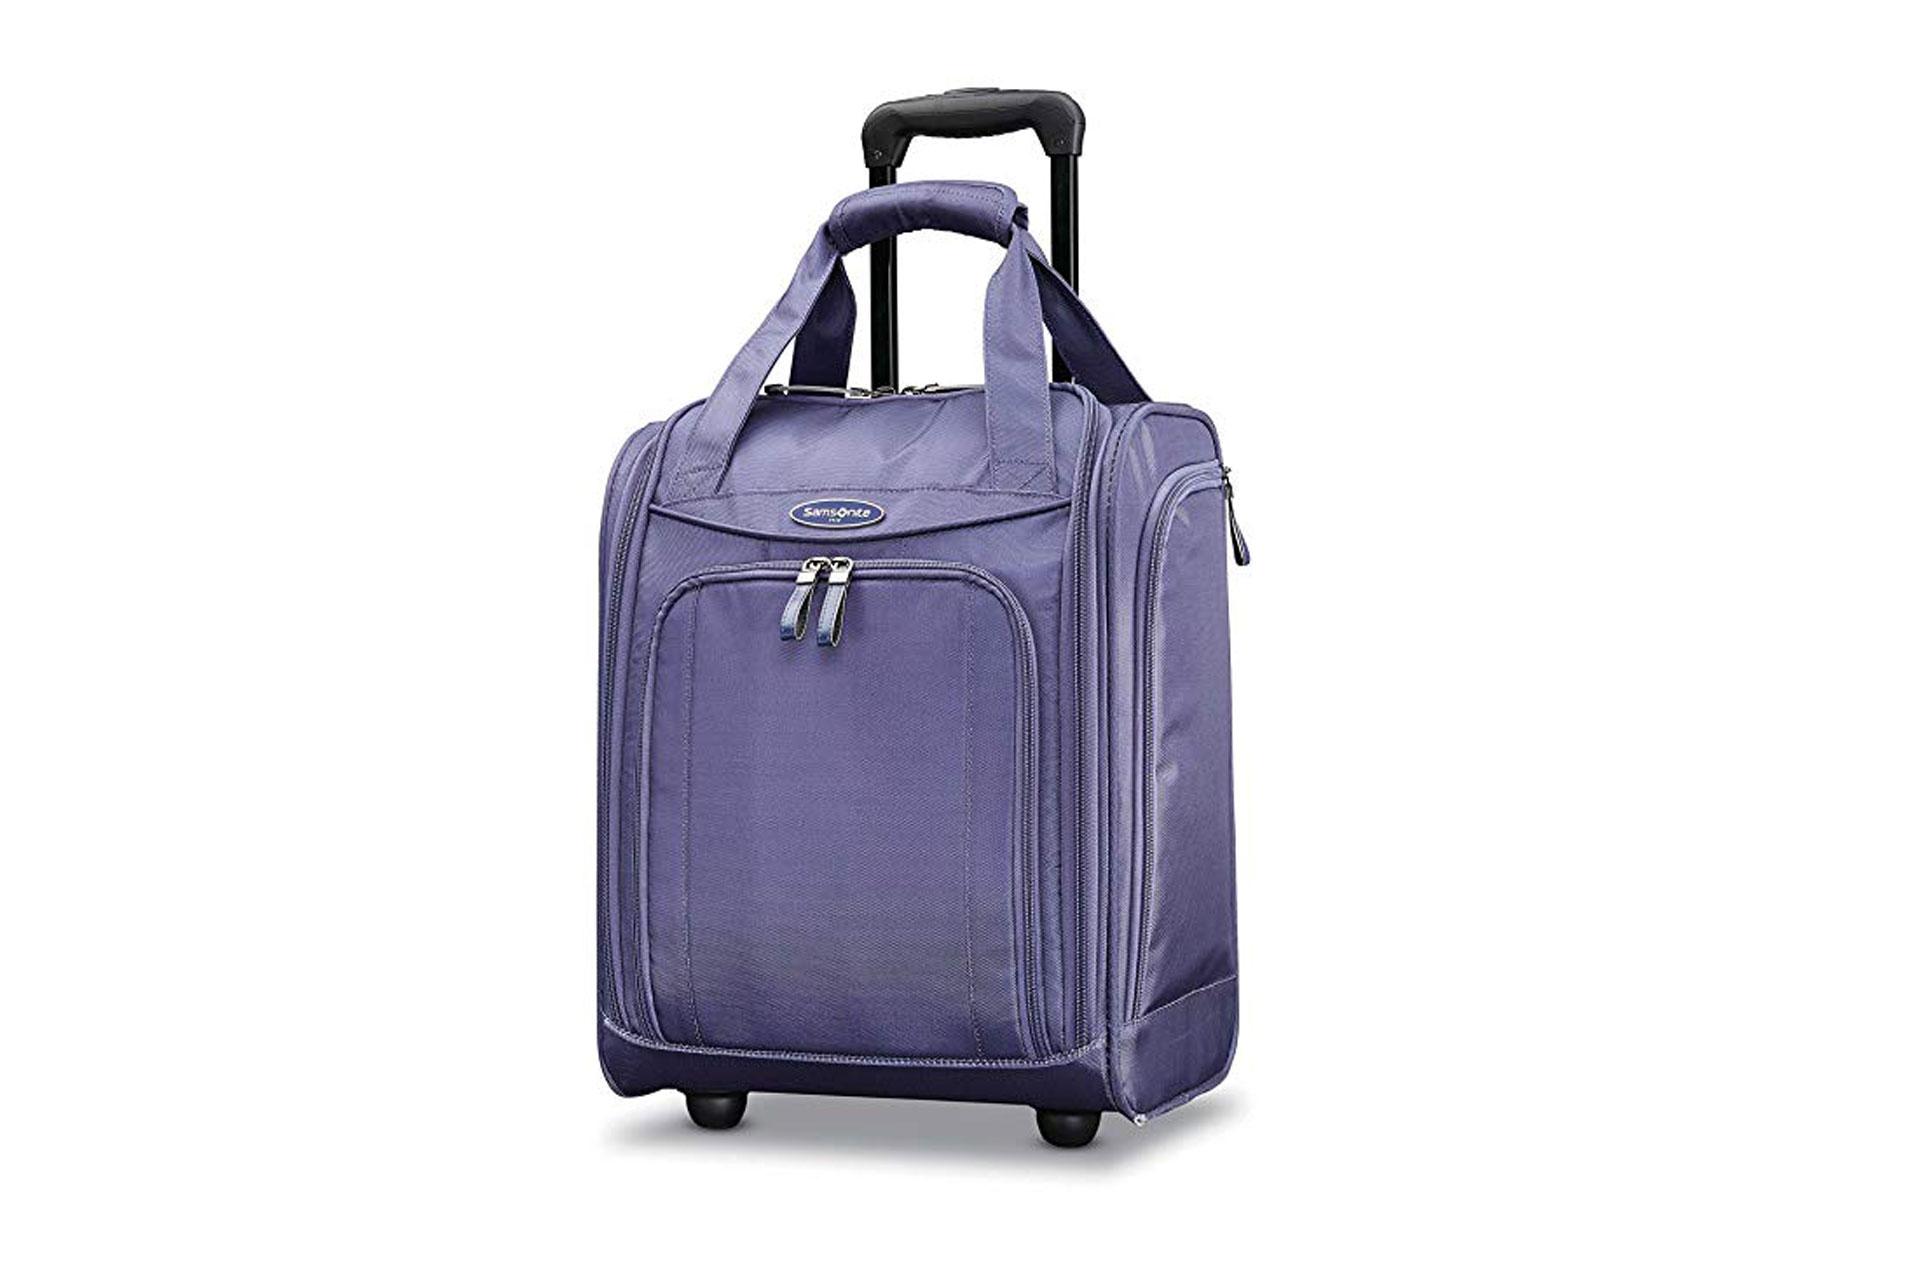 Samonsite Carry On Bag; Courtesy of Amazon